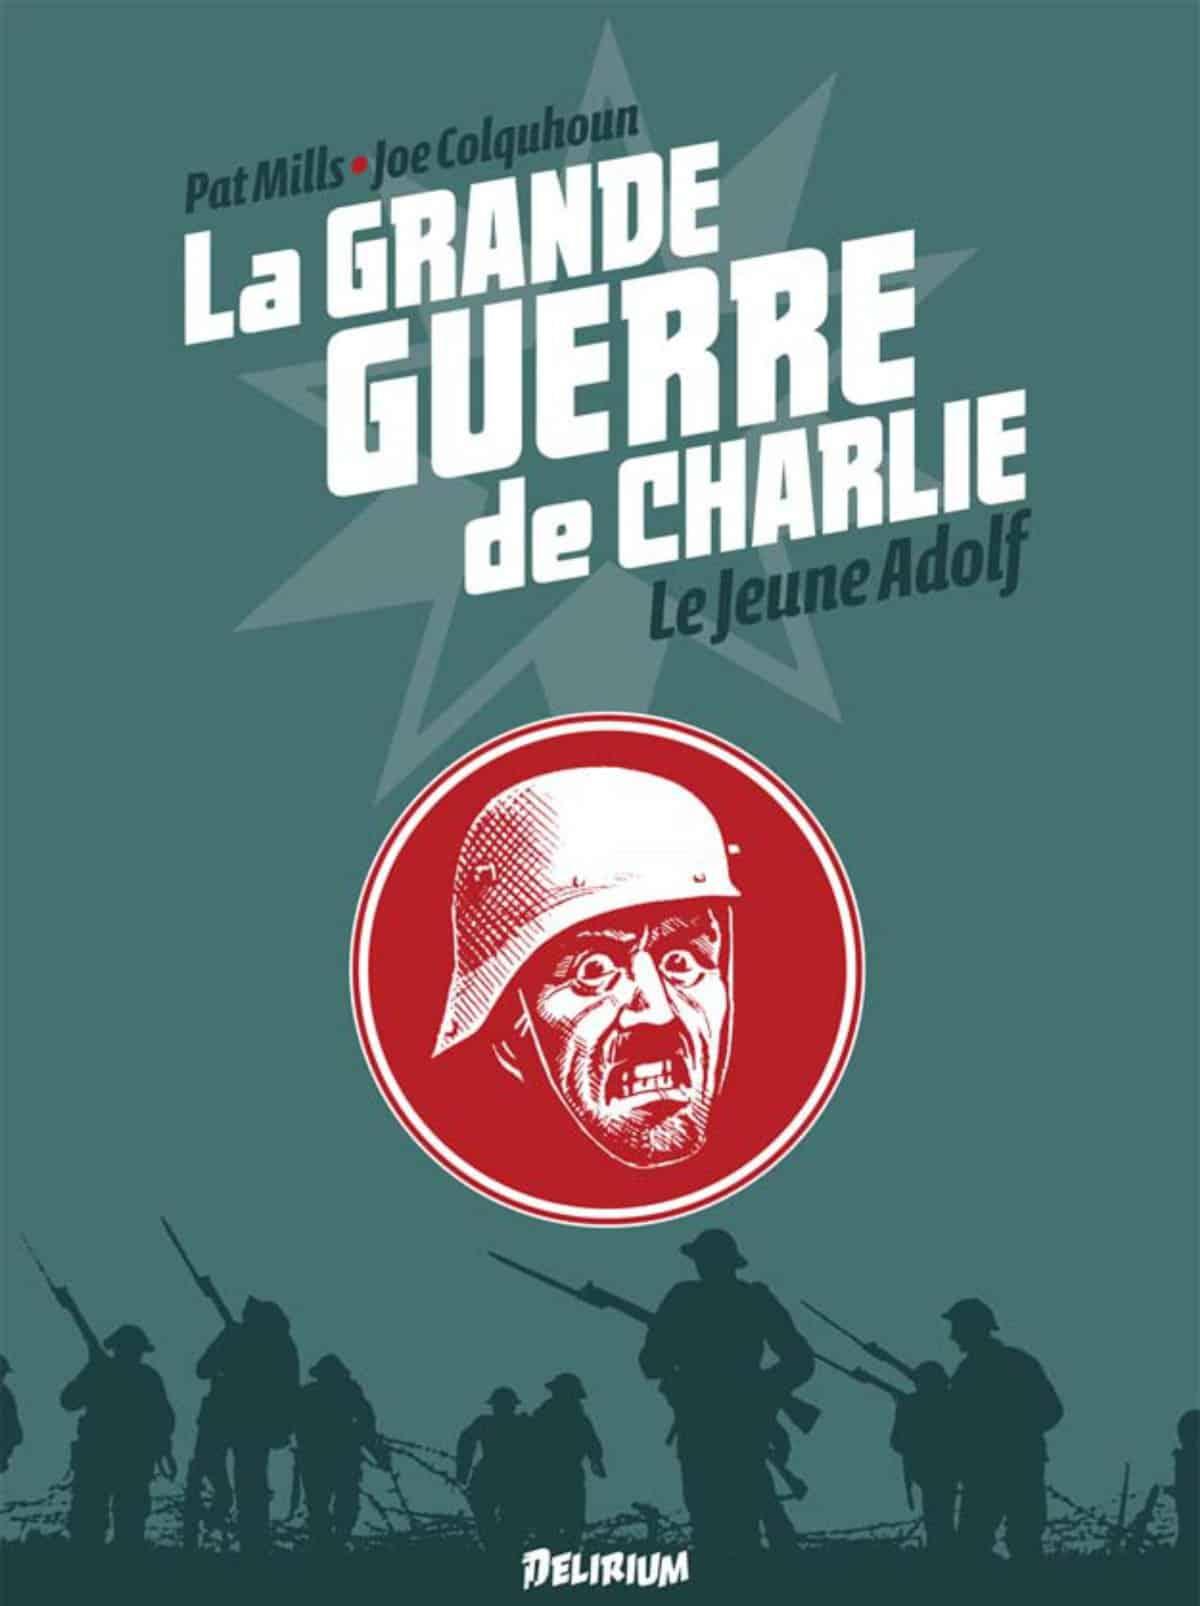 La Grande Guerre de Charlie 8, les débuts d'un certain Adolf et une expo à Paris